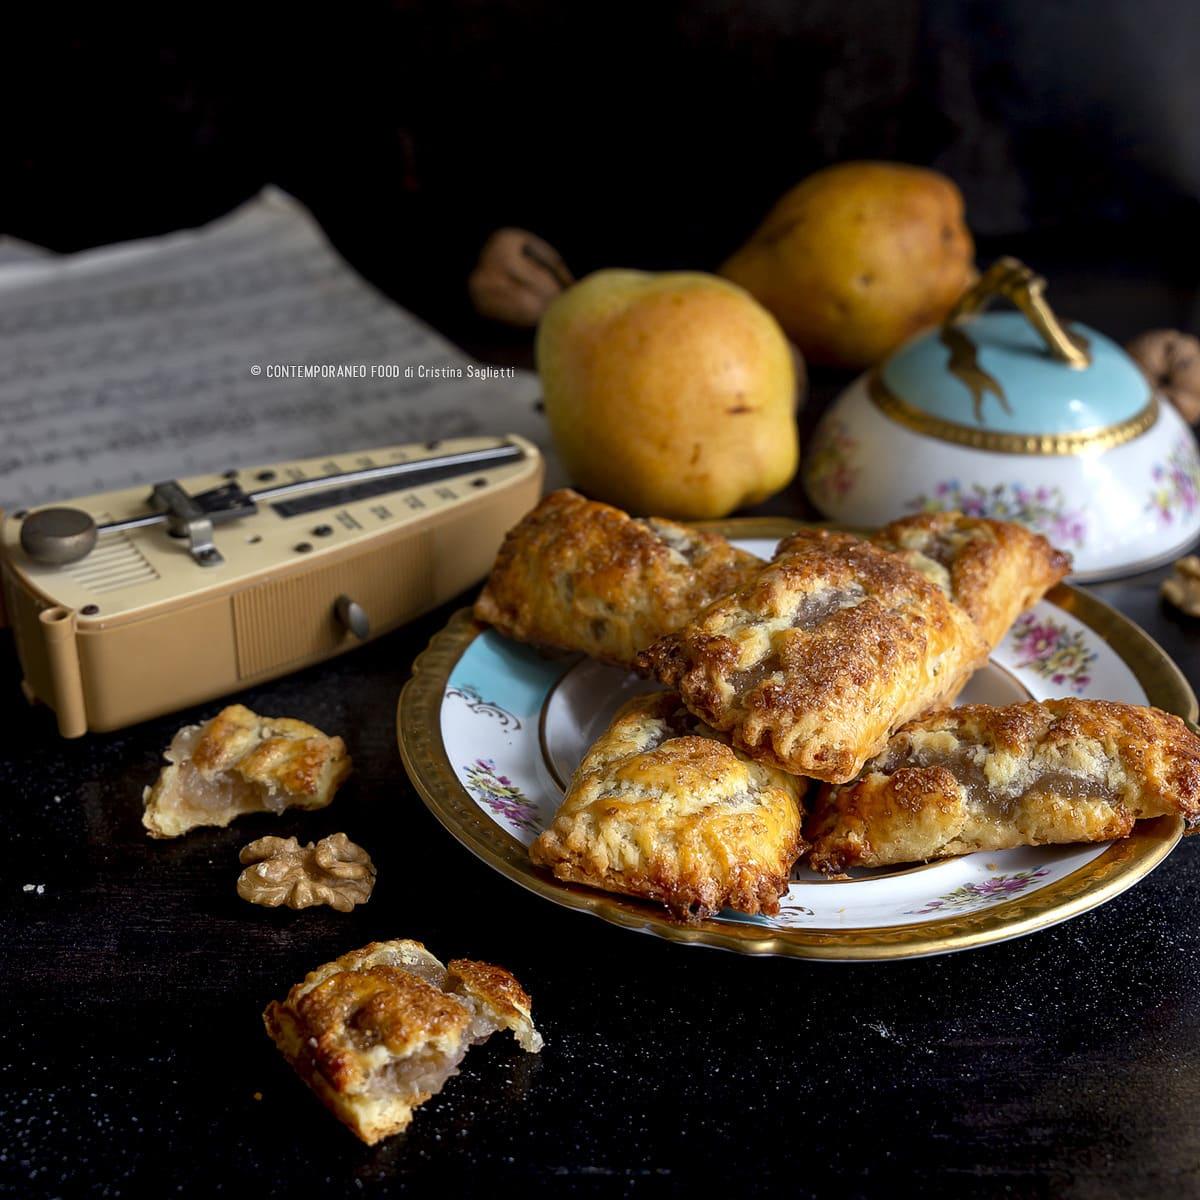 petit-beurre-biscotti-marmellata-di-pere-cognac-noci-dolce-facile-contemporaneo-food